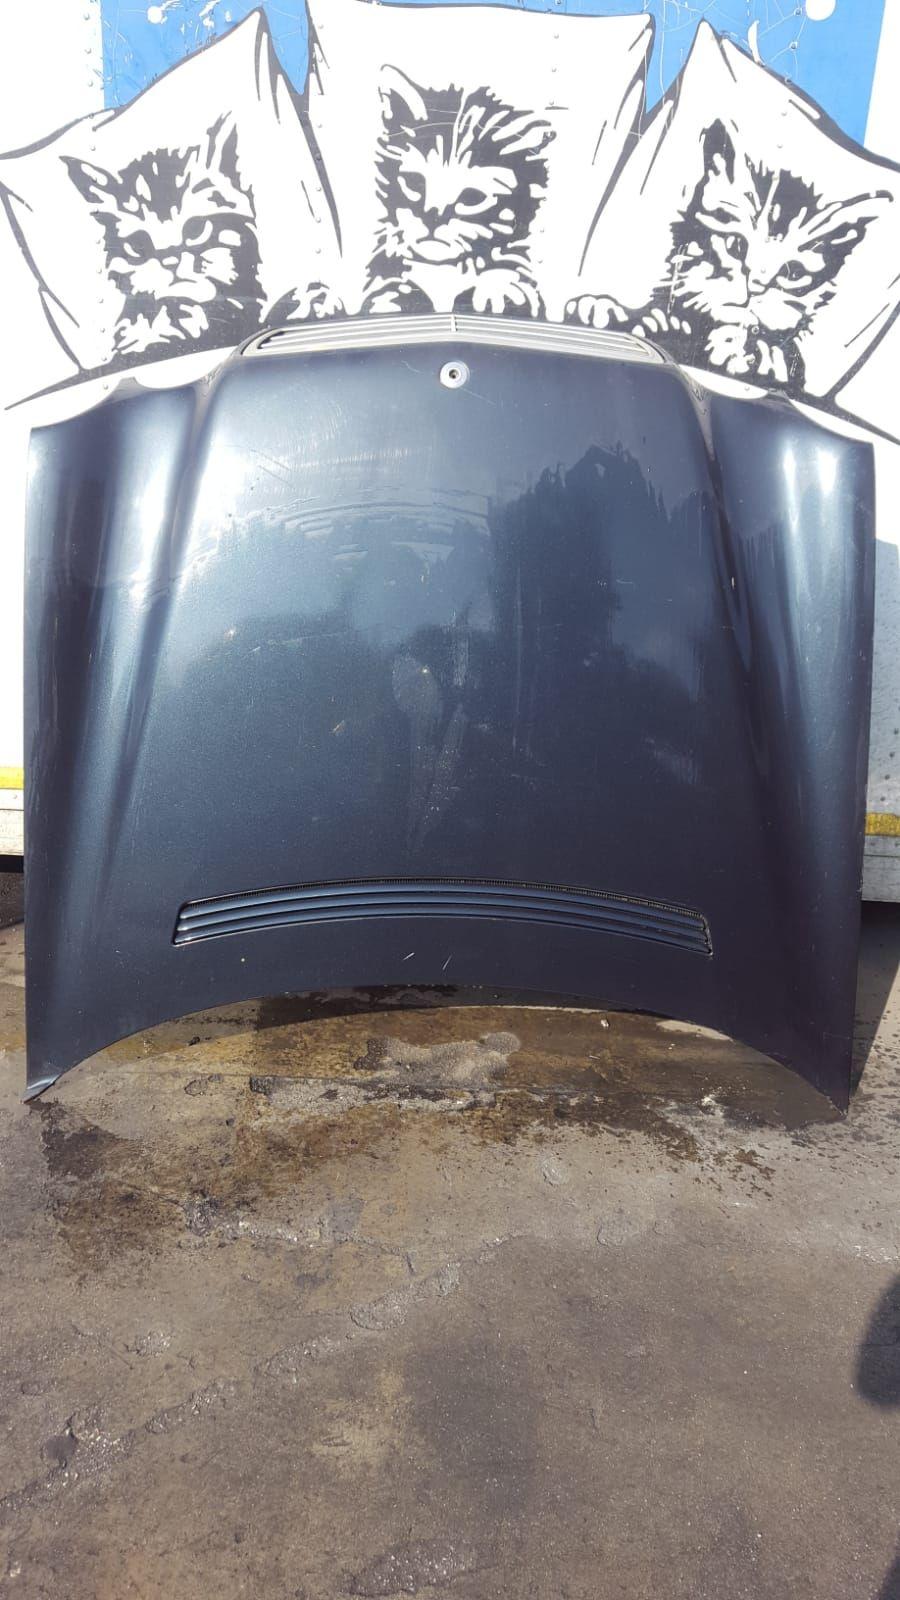 COFANO ANTERIORE MERCEDES Classe E Berlina W210 2° Serie Benzina (2001) RICAMBI USATI